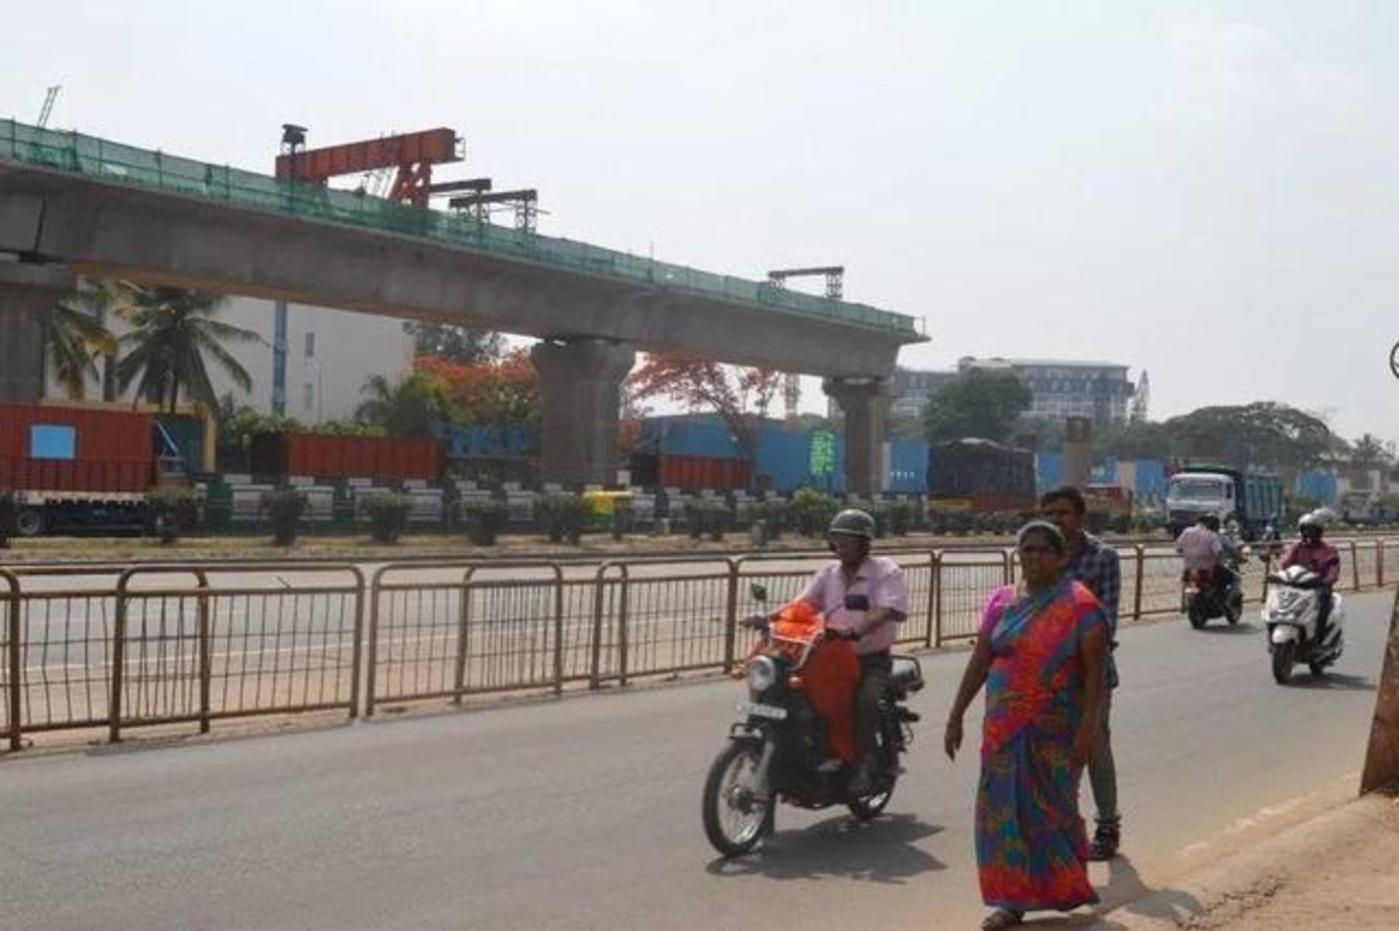 高架橋背后藍色金屬板圍起來的區域即將建成一棟電子廠研發樓